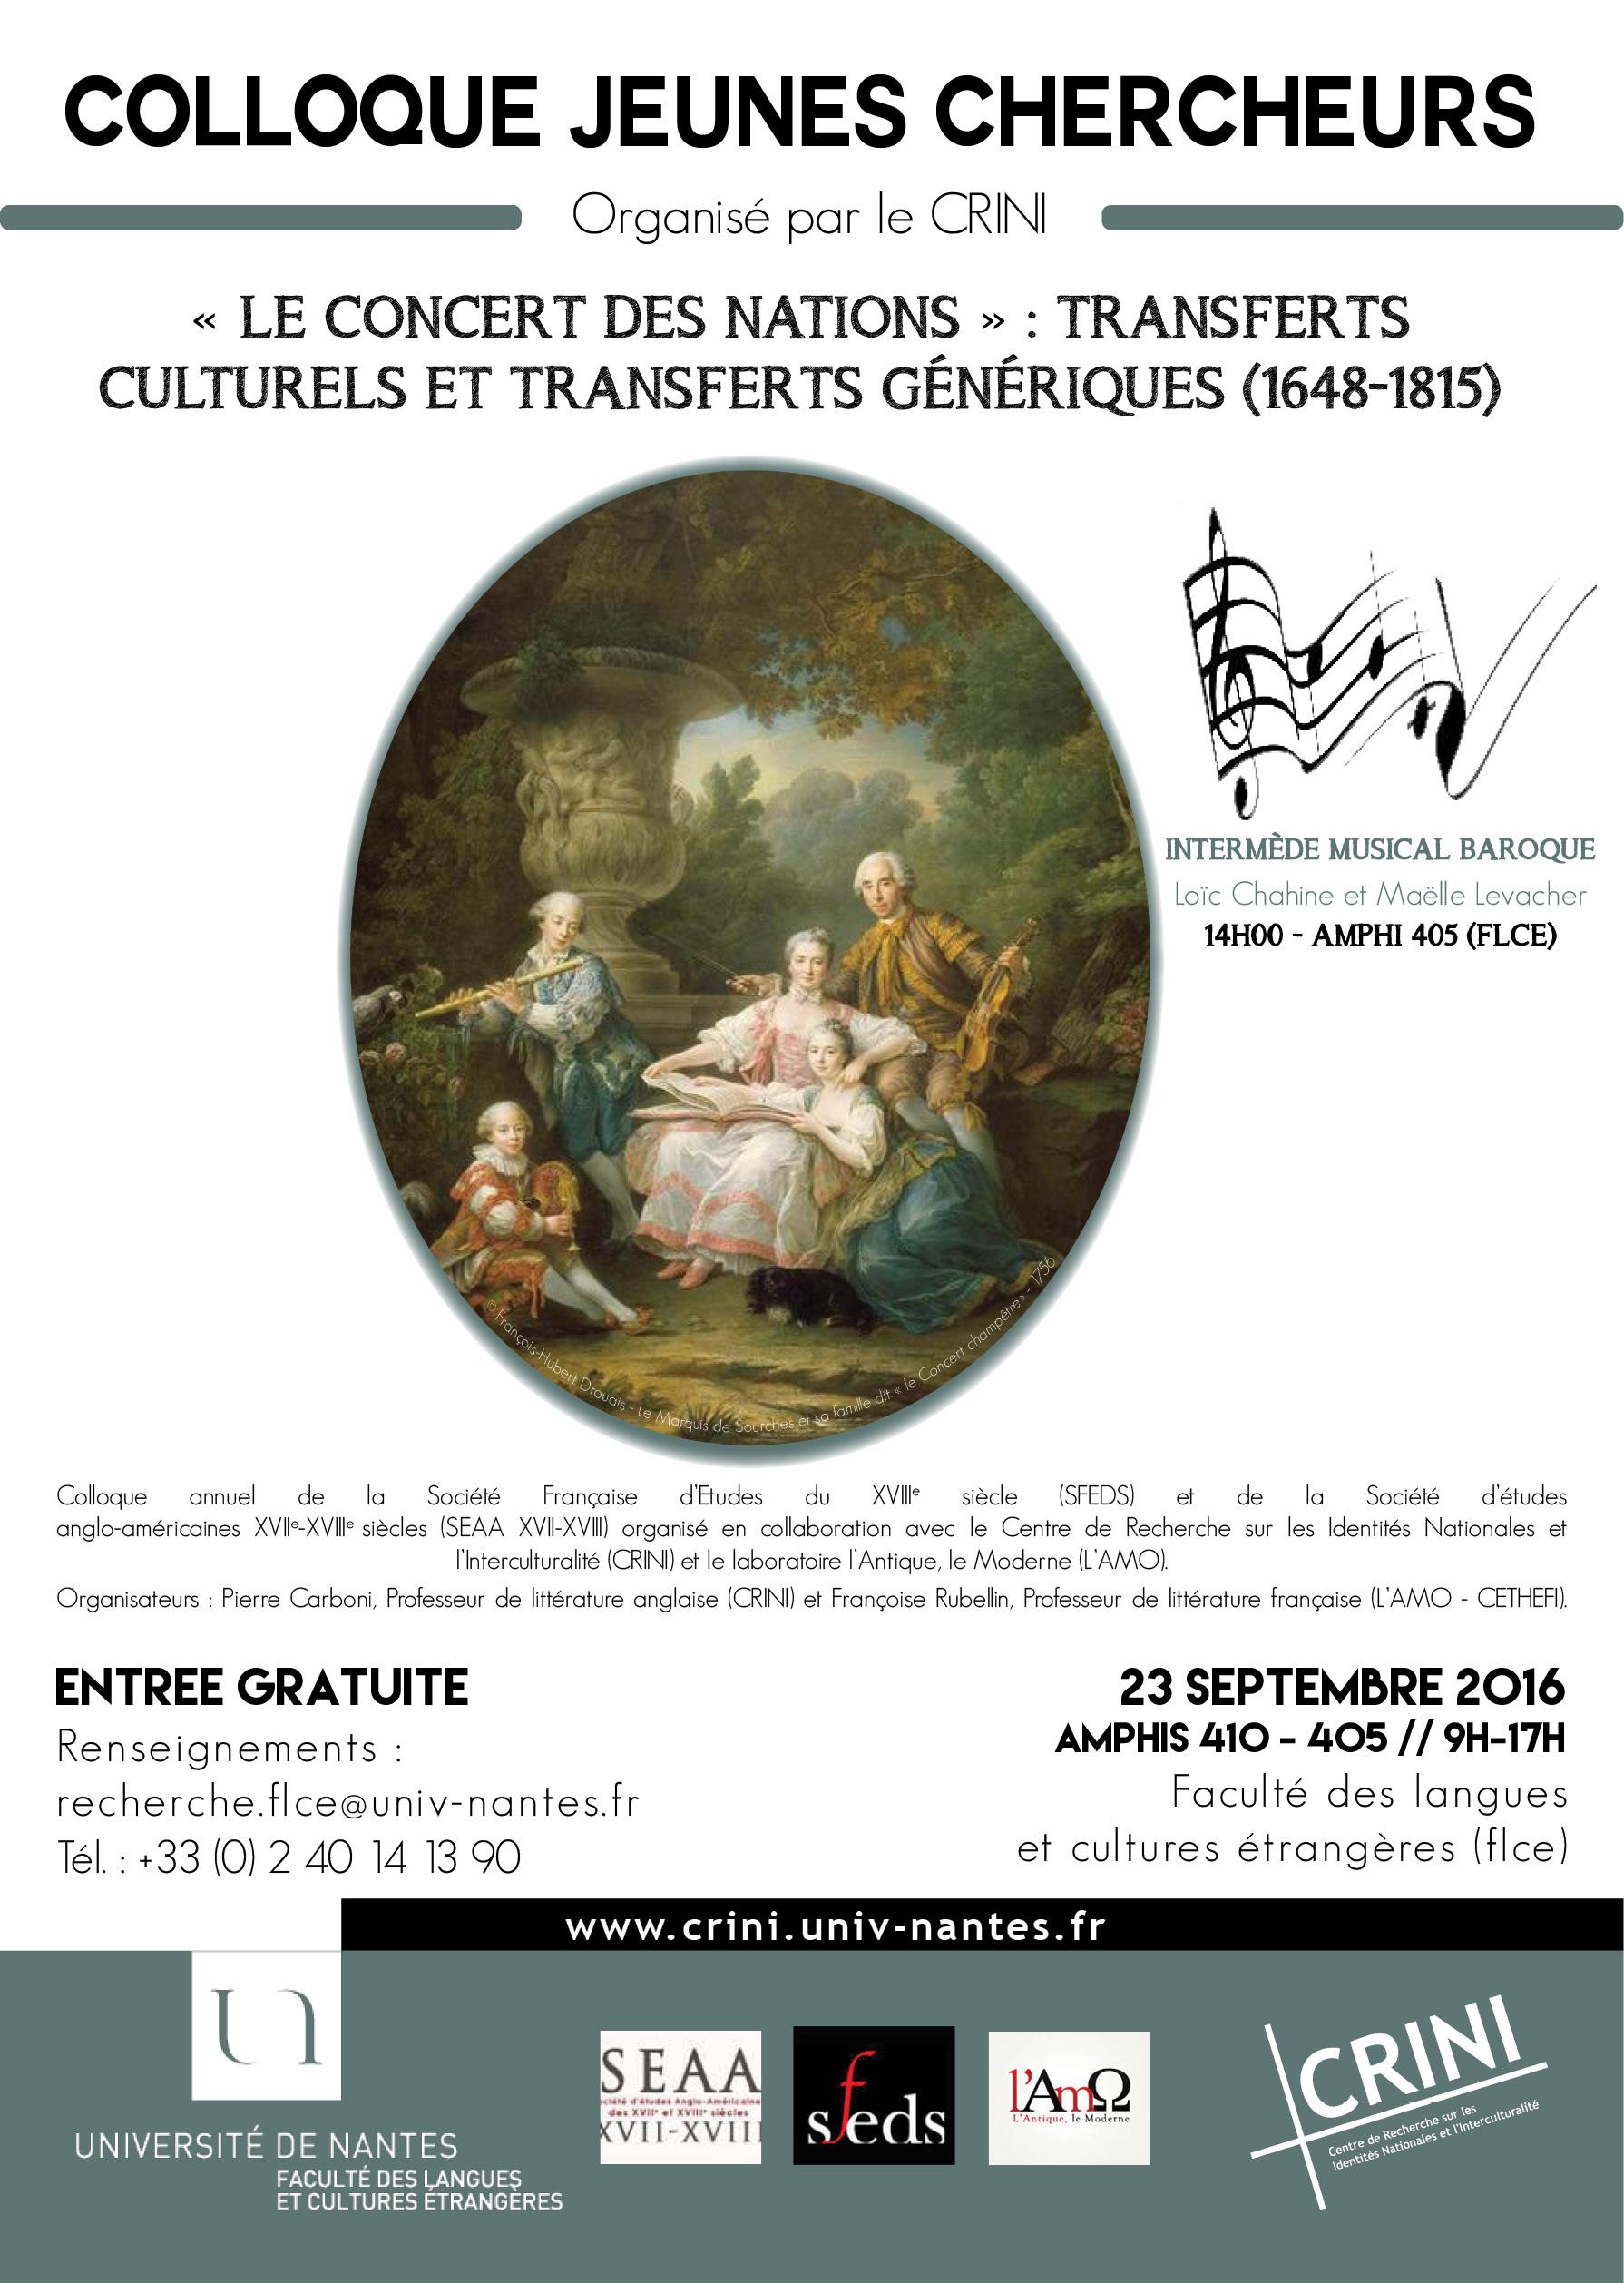 Colloque Jeunes Chercheurs - 23 septembre 2016